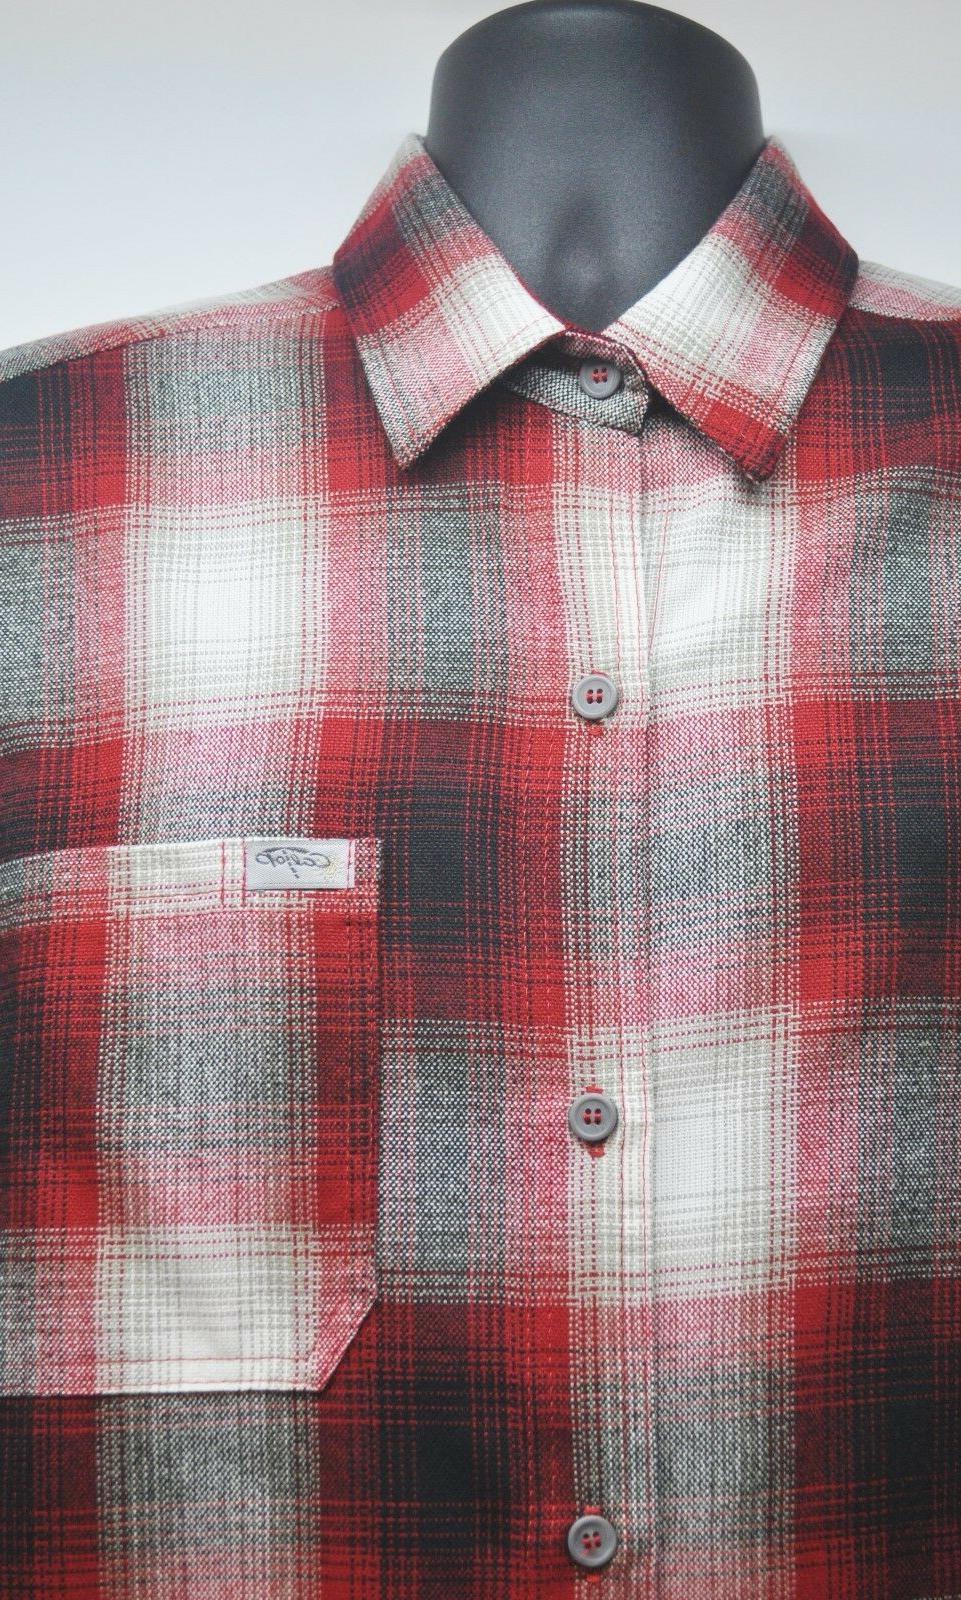 Flannel Sleeve OG Veterano Biker Up Shirt